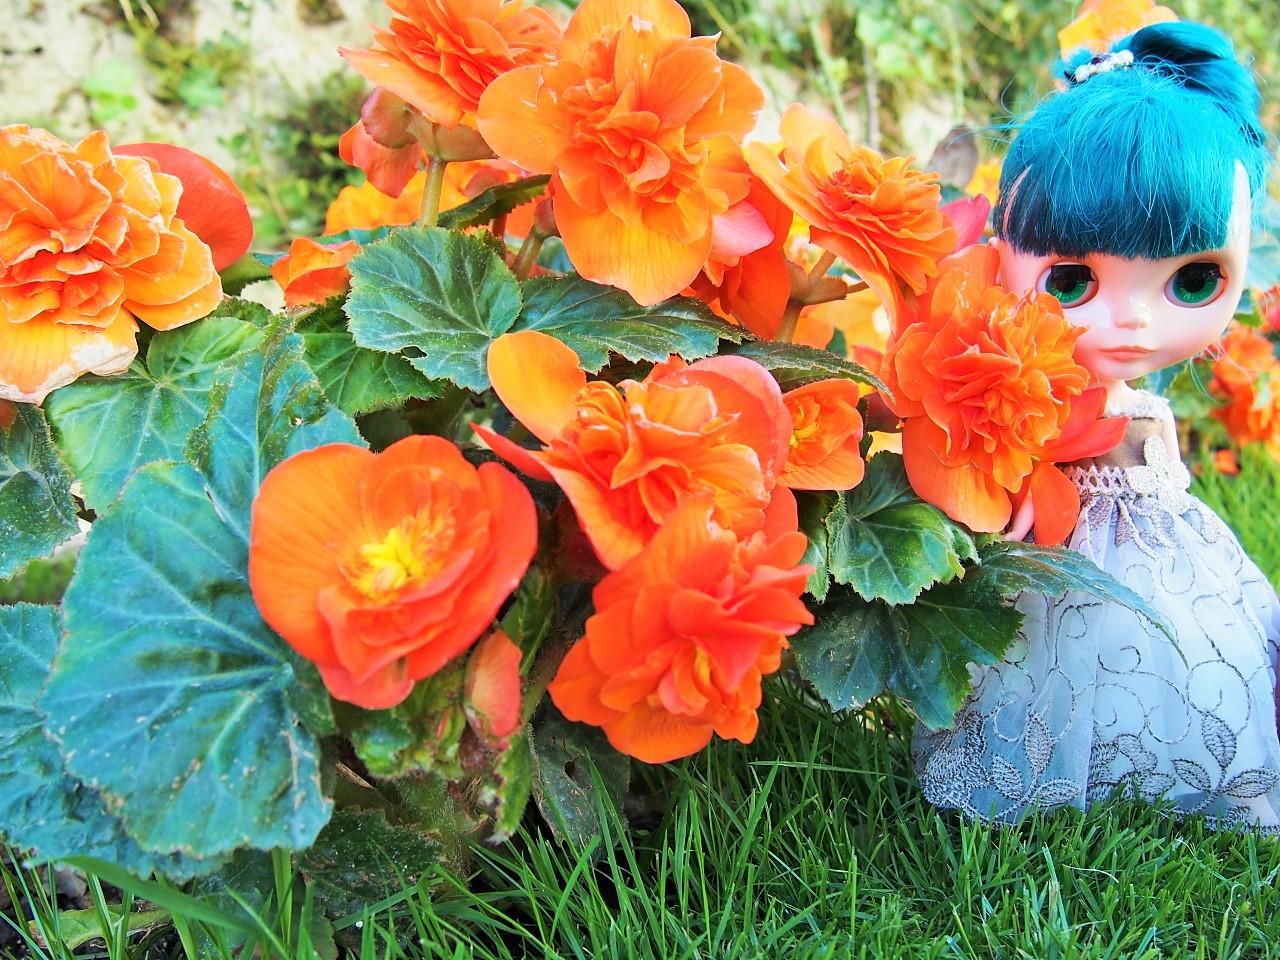 ザルツブルグ オレンジのお花と